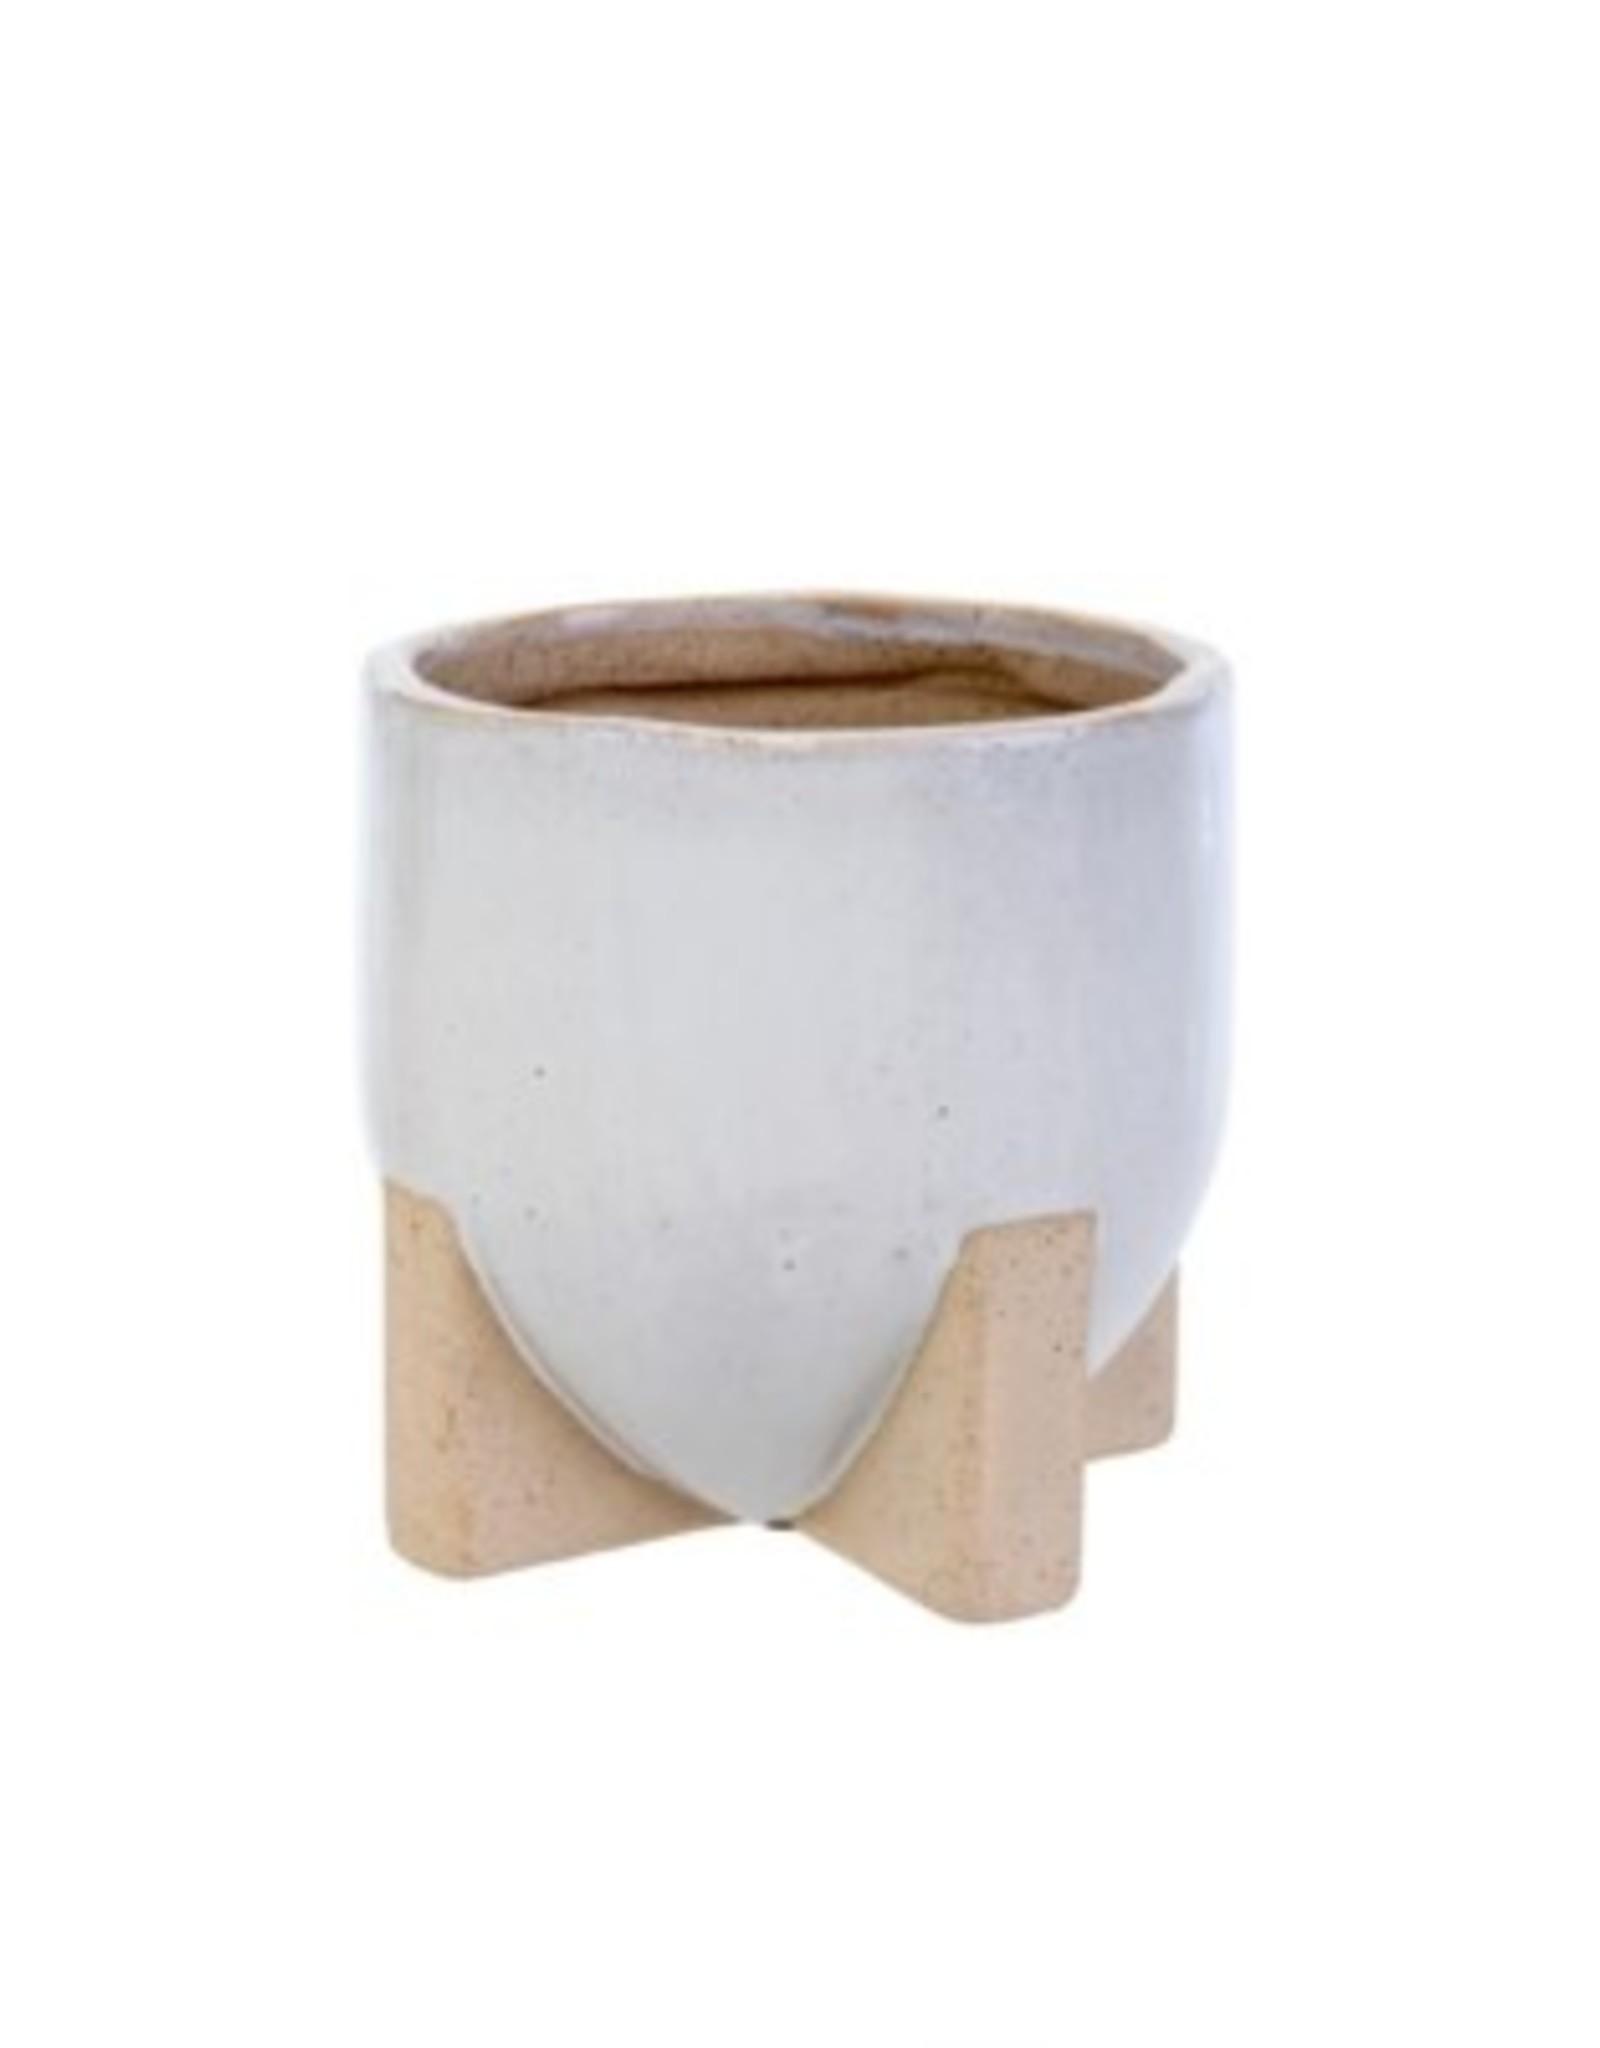 Indaba Planter Pot Indaba Mod S 3-9384